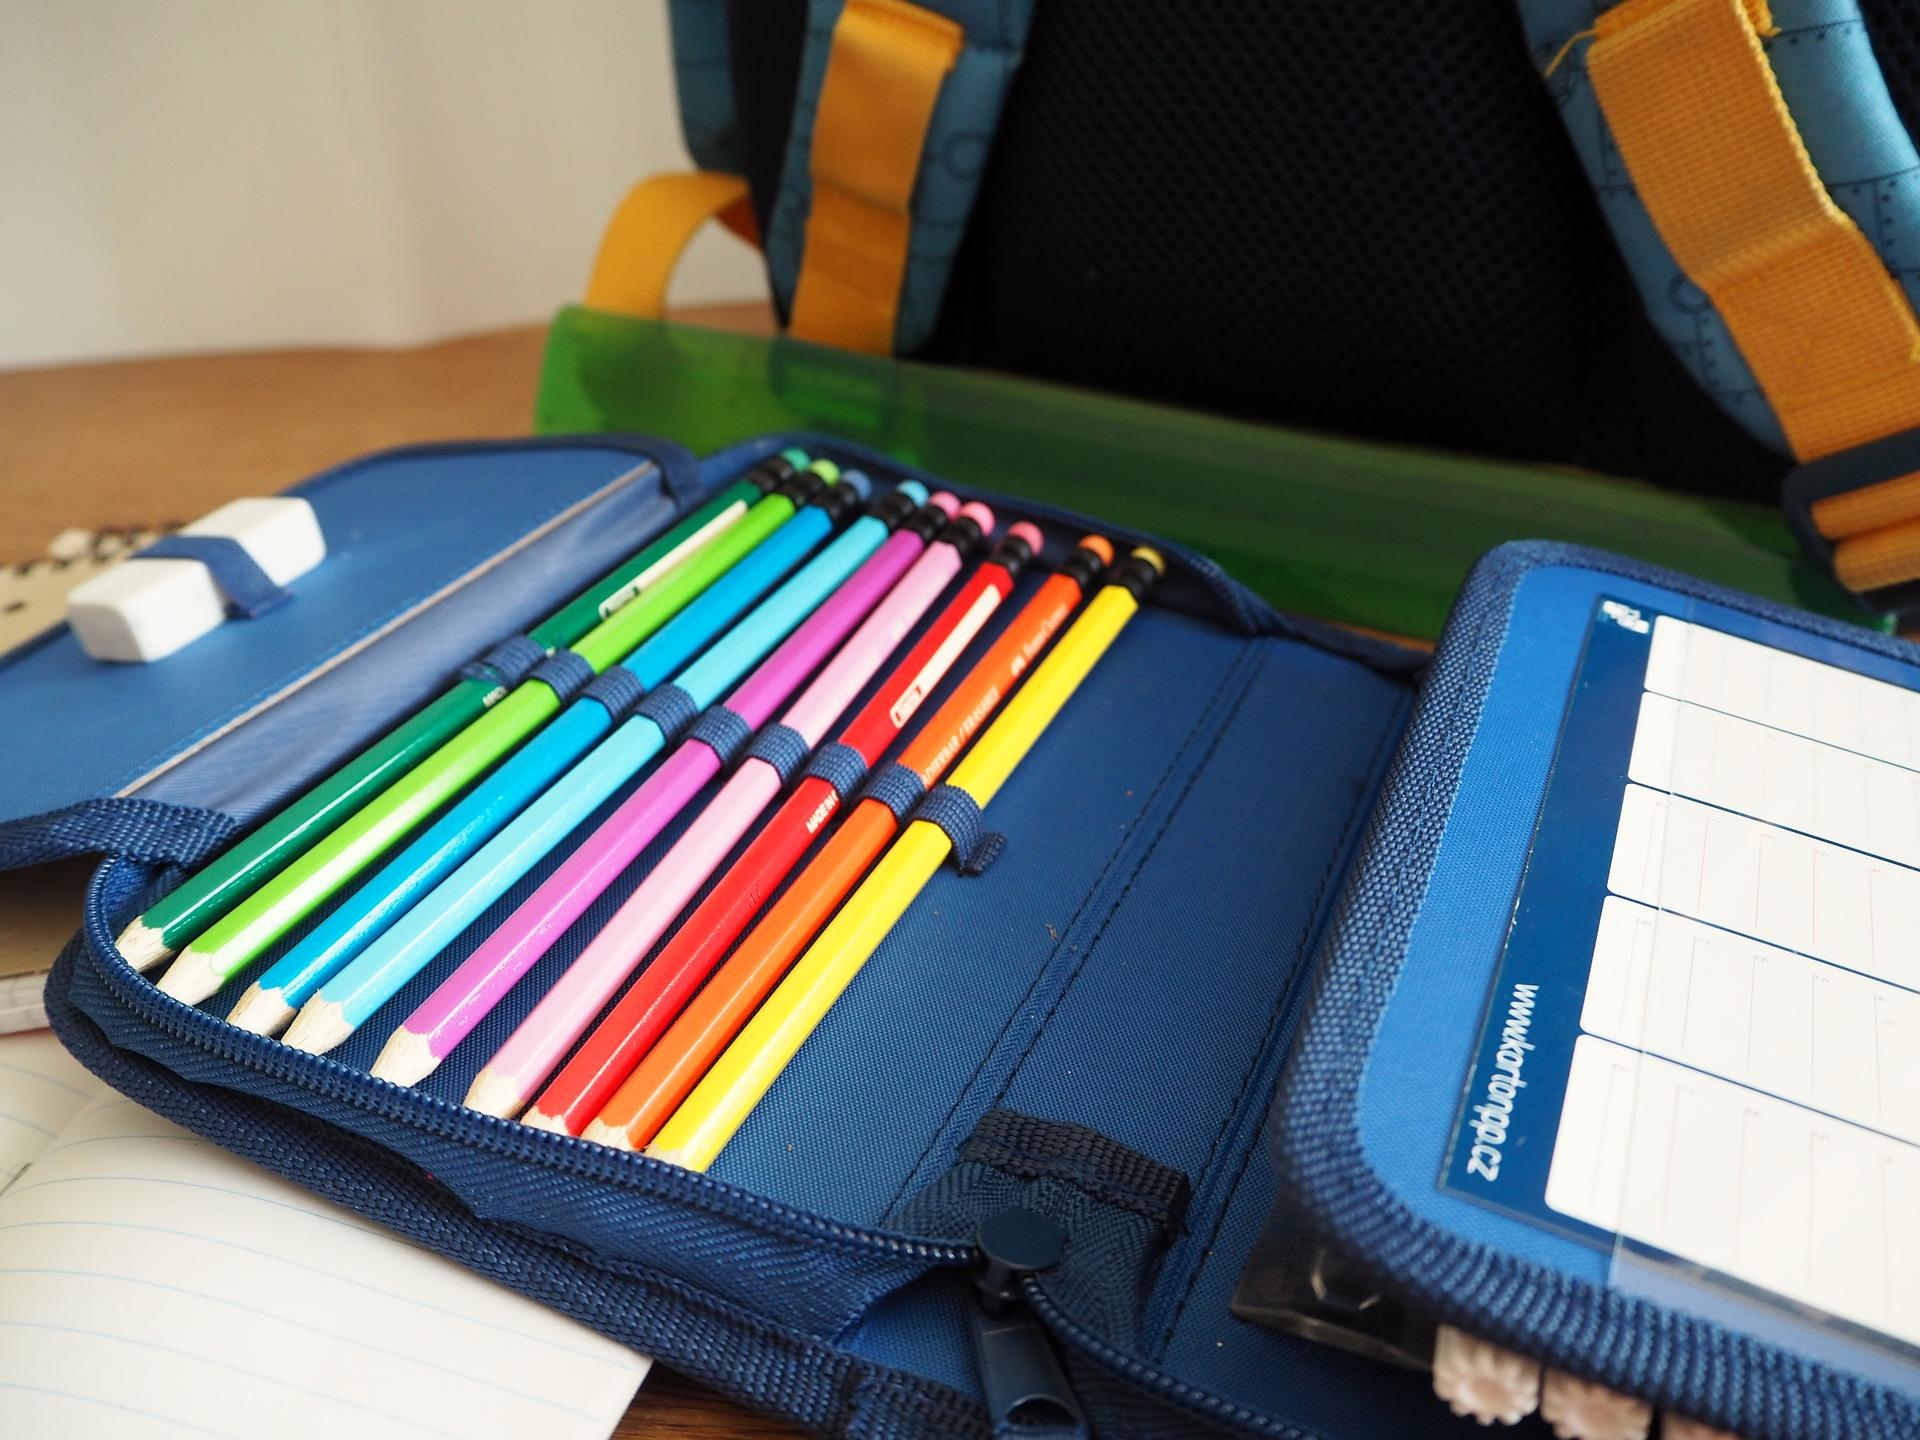 Schulhausbauförderung 2018: Mengen mit dabei!